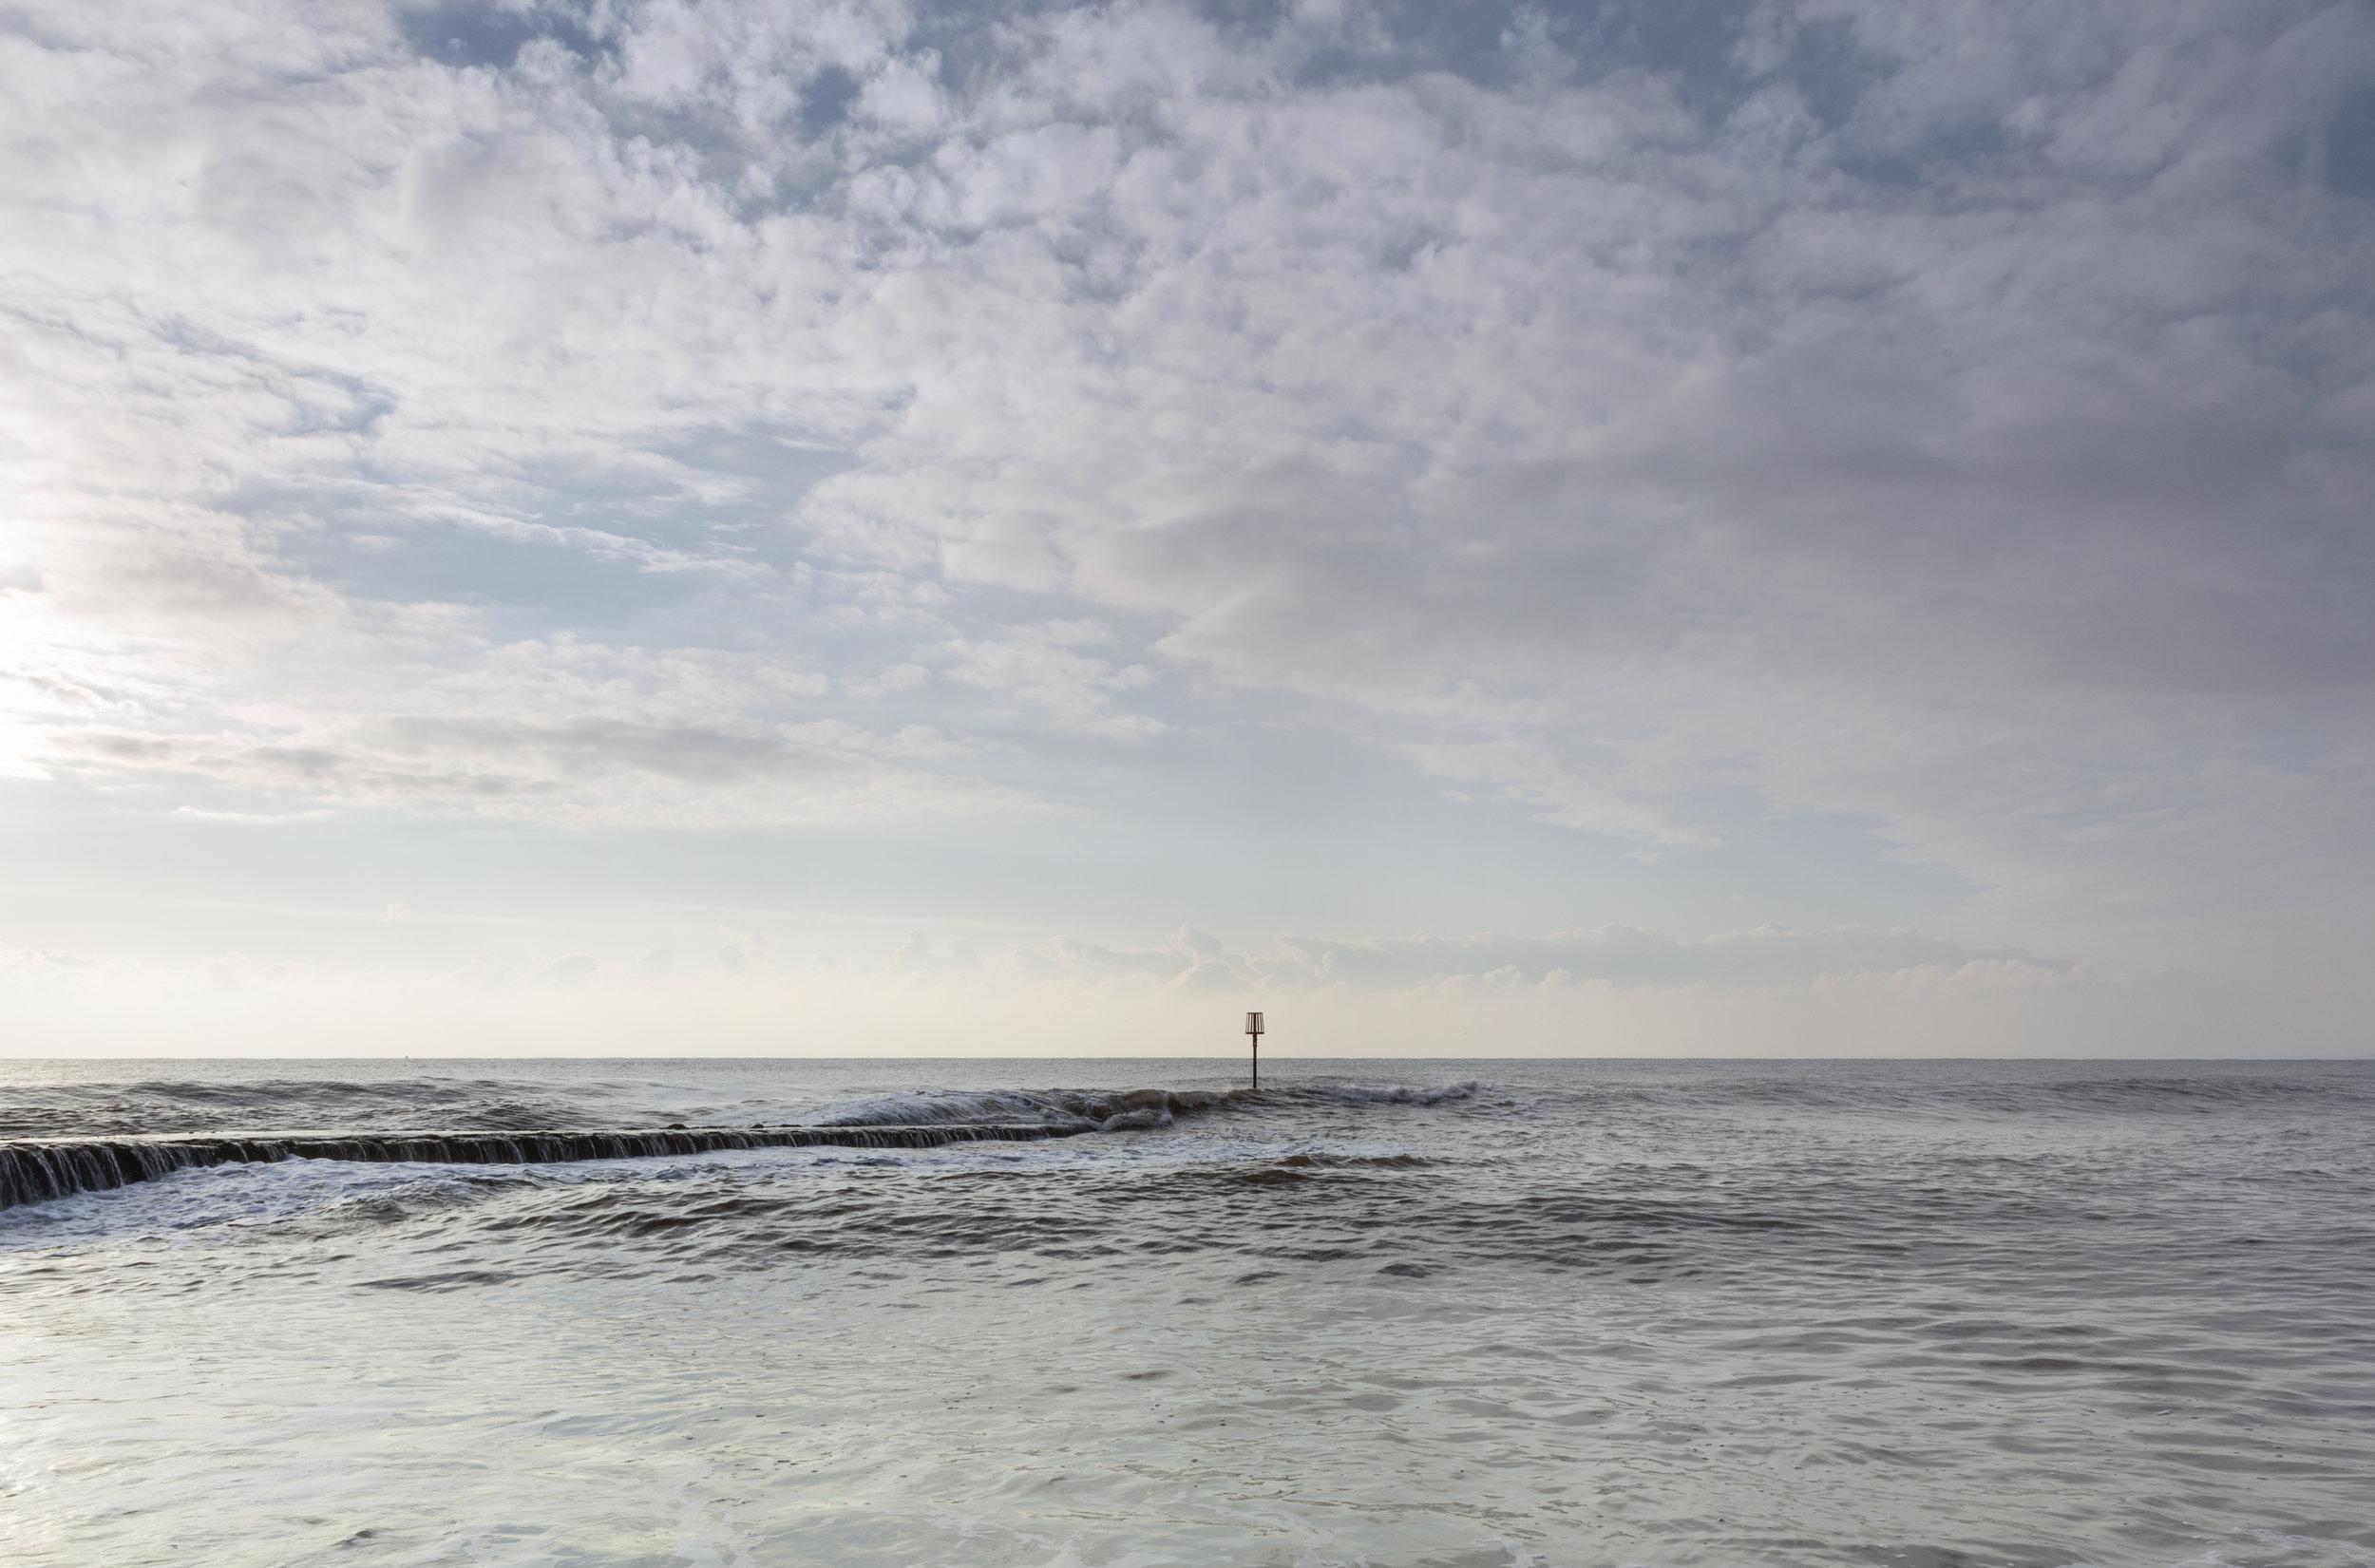 Langstone Rock Sea Wall001.jpg